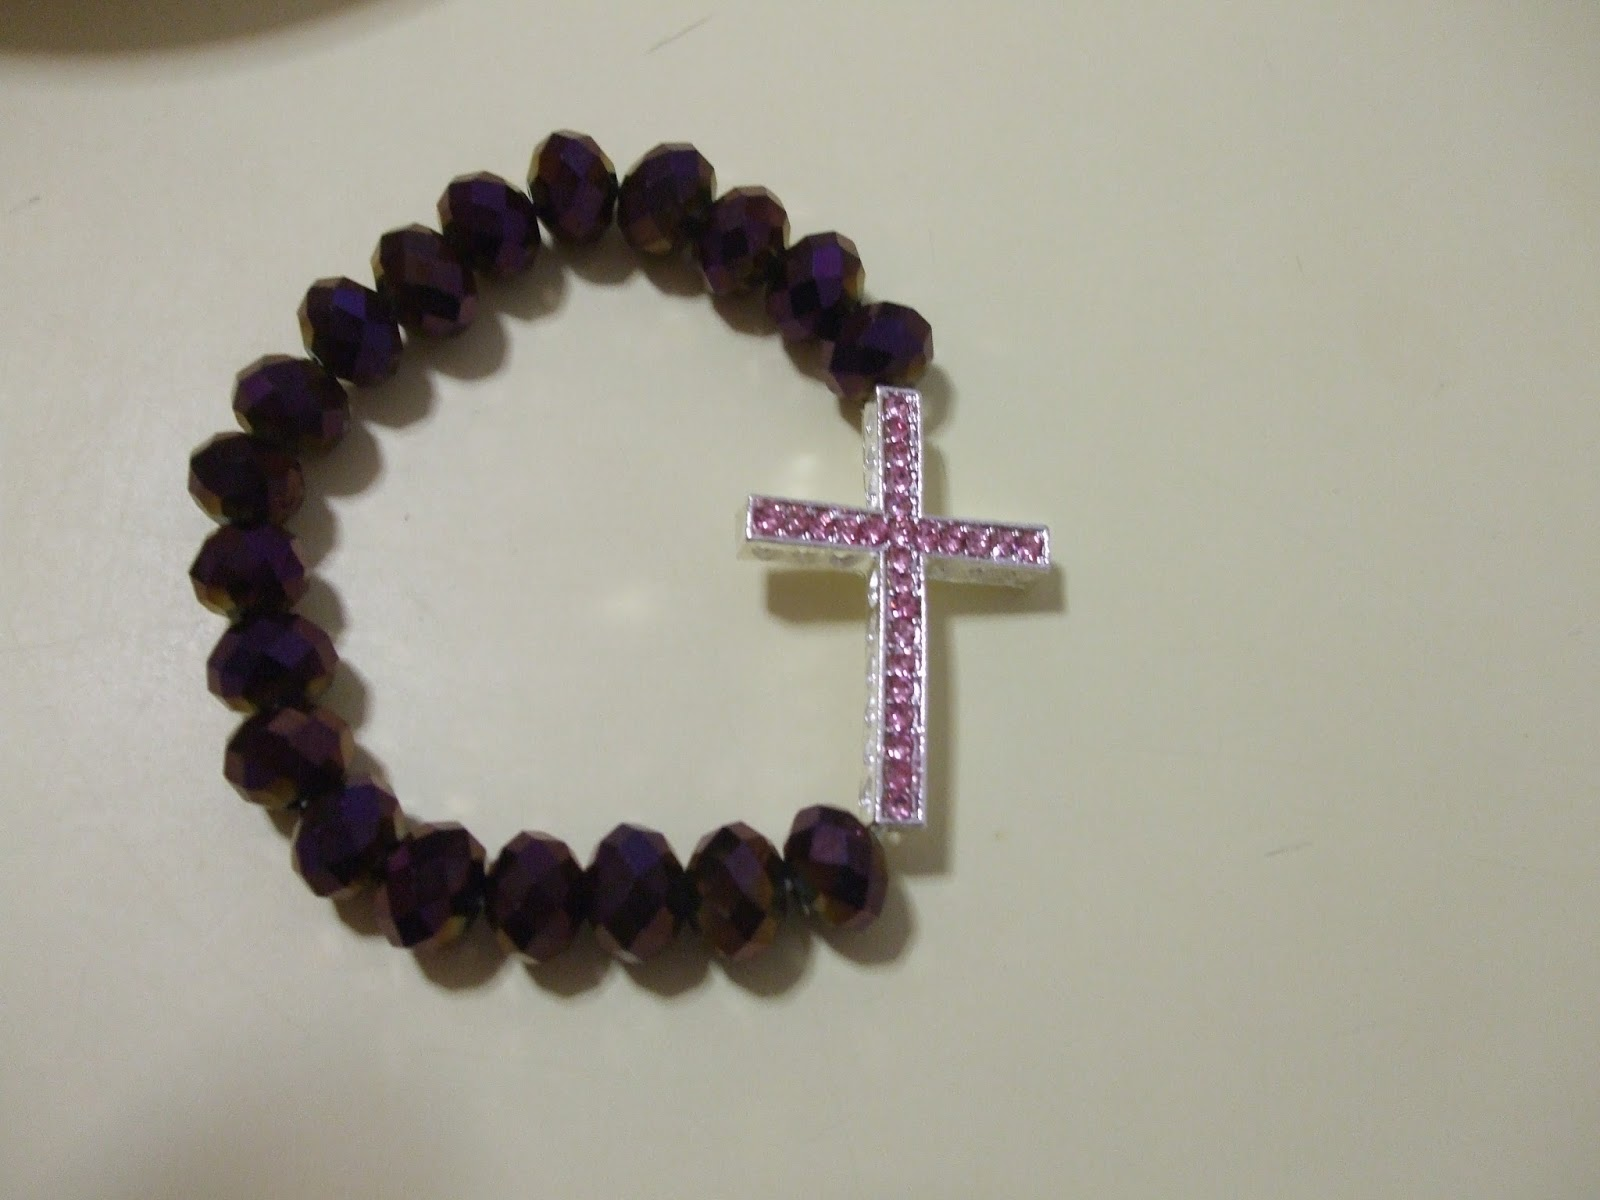 aadb6fcbe676 mi lado creador  Pulsera con piedras granates tipo rosario y cruz de ...